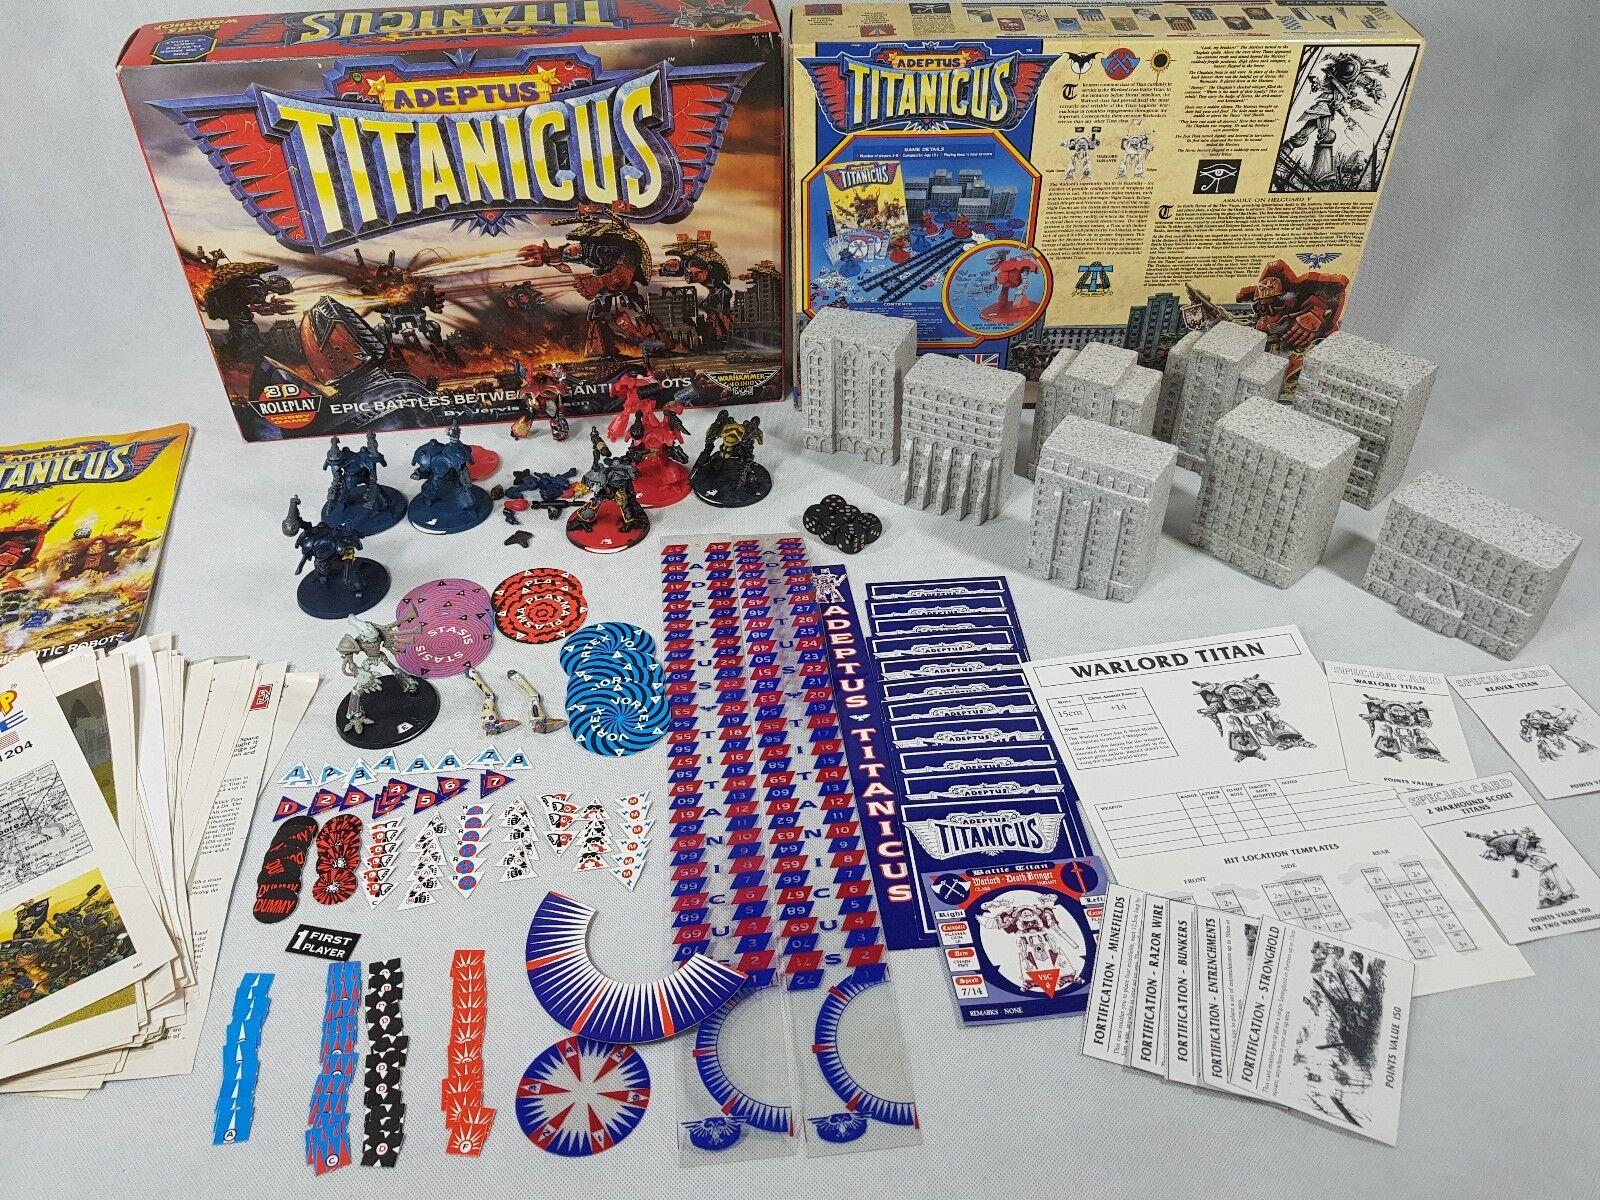 100% precio garantizado Warhammer 40k 1st Edición Épica Adeptus titanicus paquete extras extras extras [1989]  marcas en línea venta barata